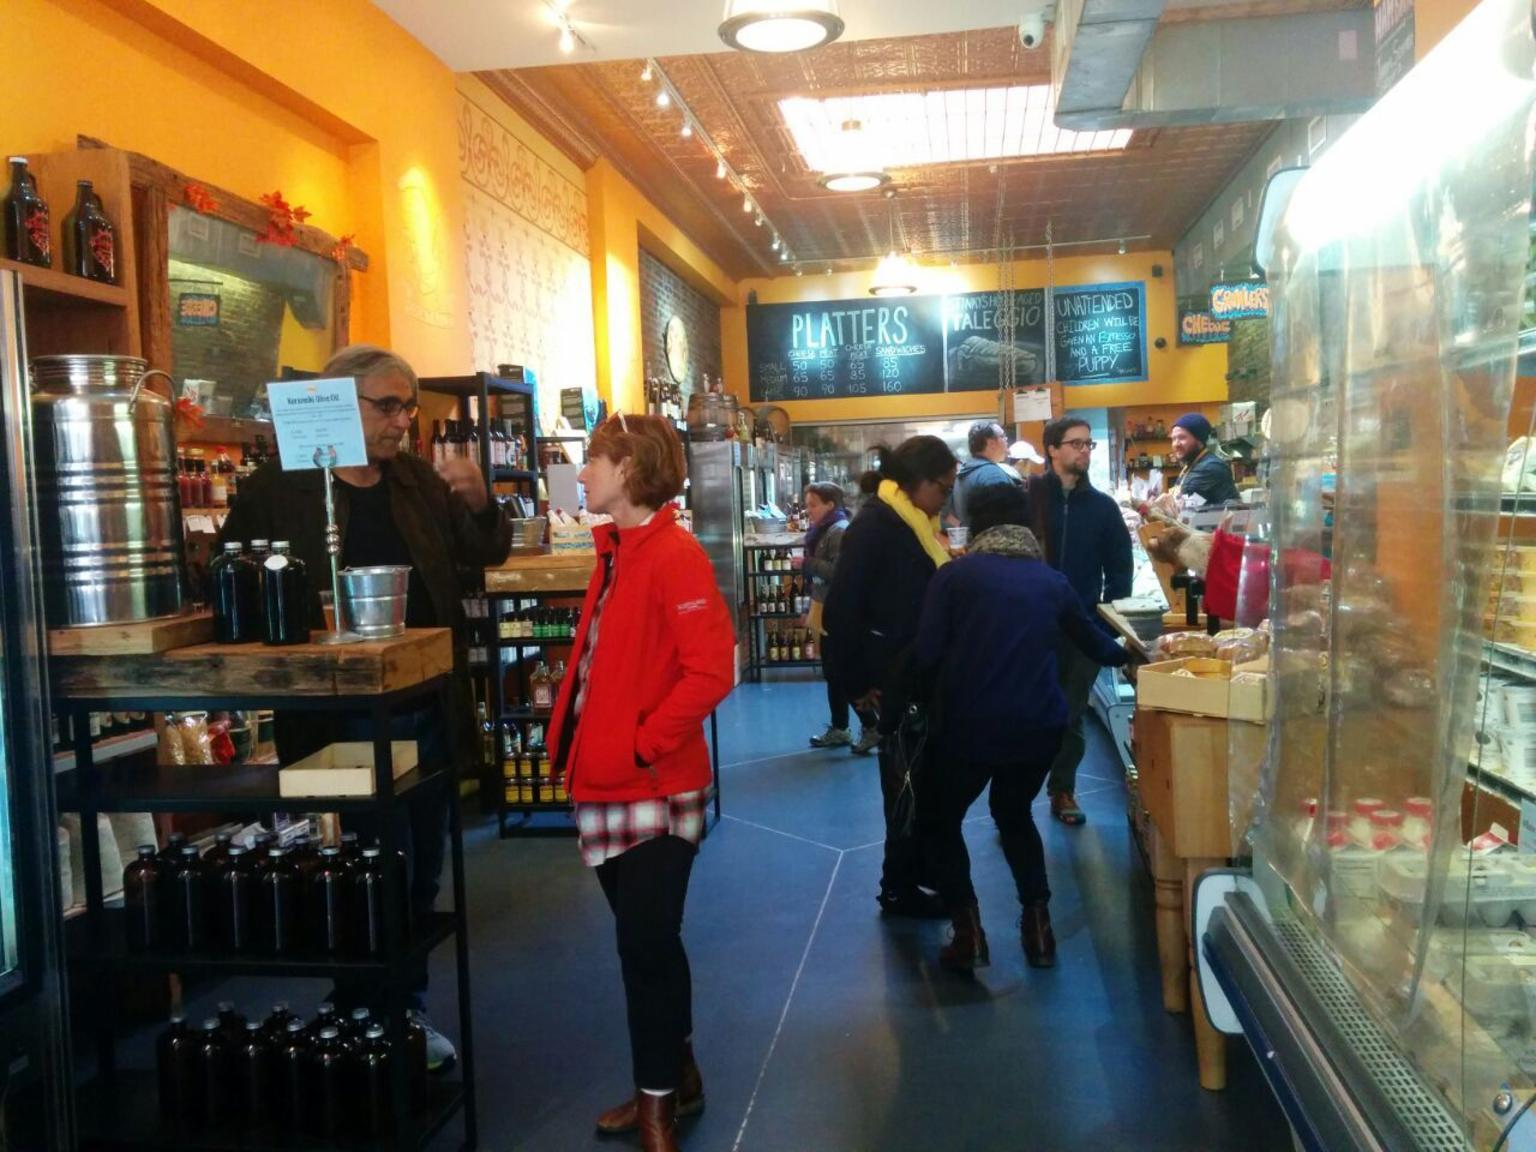 MÁS FOTOS, Brooklyn Bridge & DUMBO Food Tour